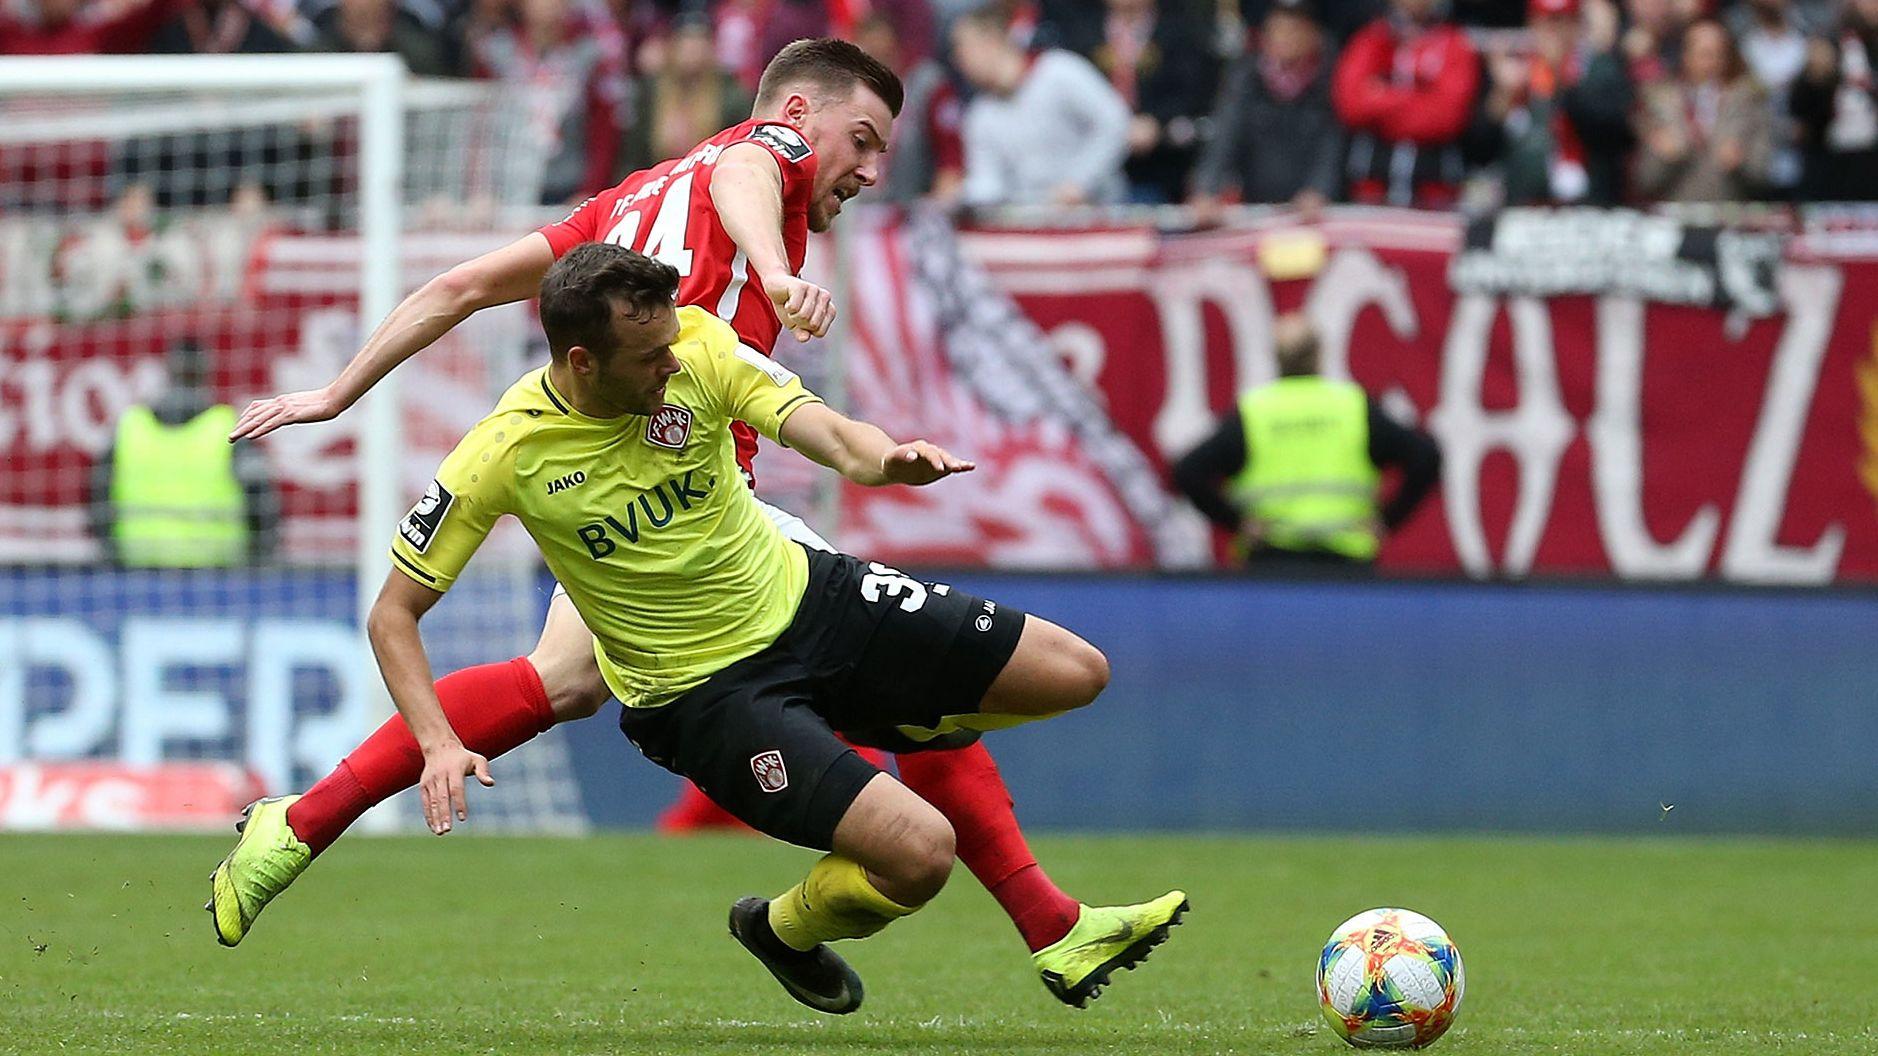 Spielszene 1. FC Kaiserslautern - Würzburger Kickers